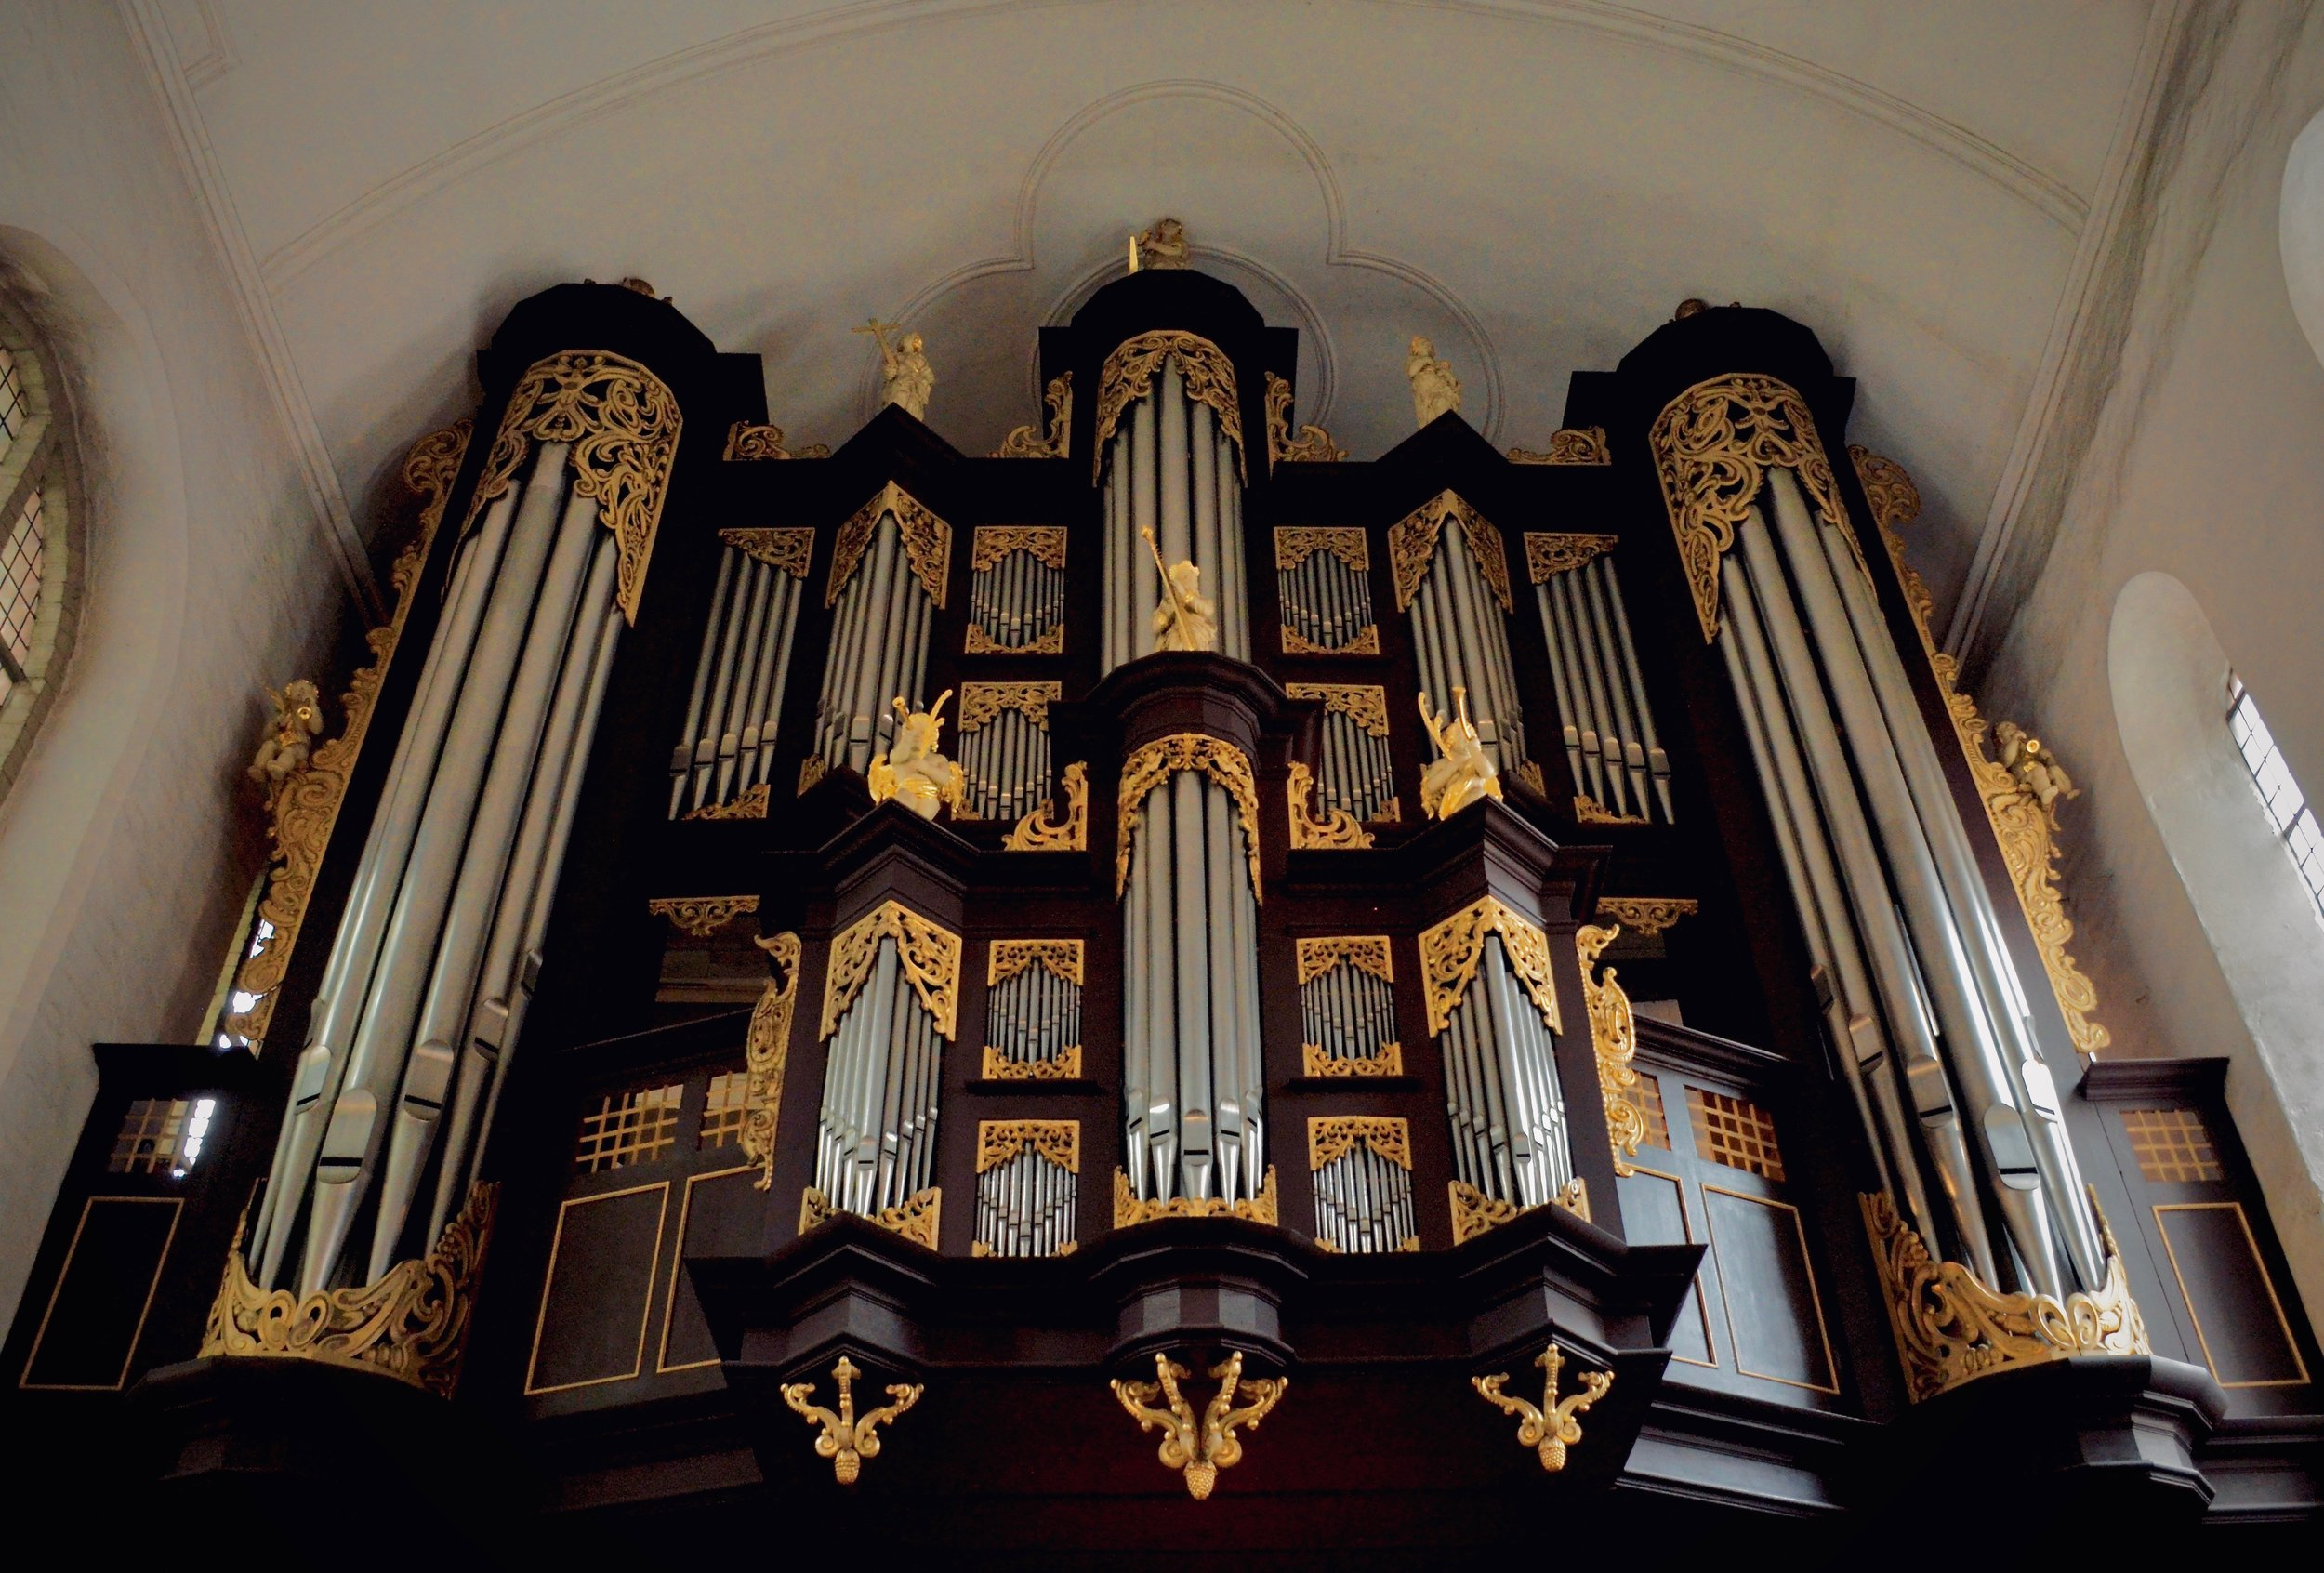 1669–73 Huß/Schnitger organ in St. Cosmæ, Stade. Boston Organ Studio.